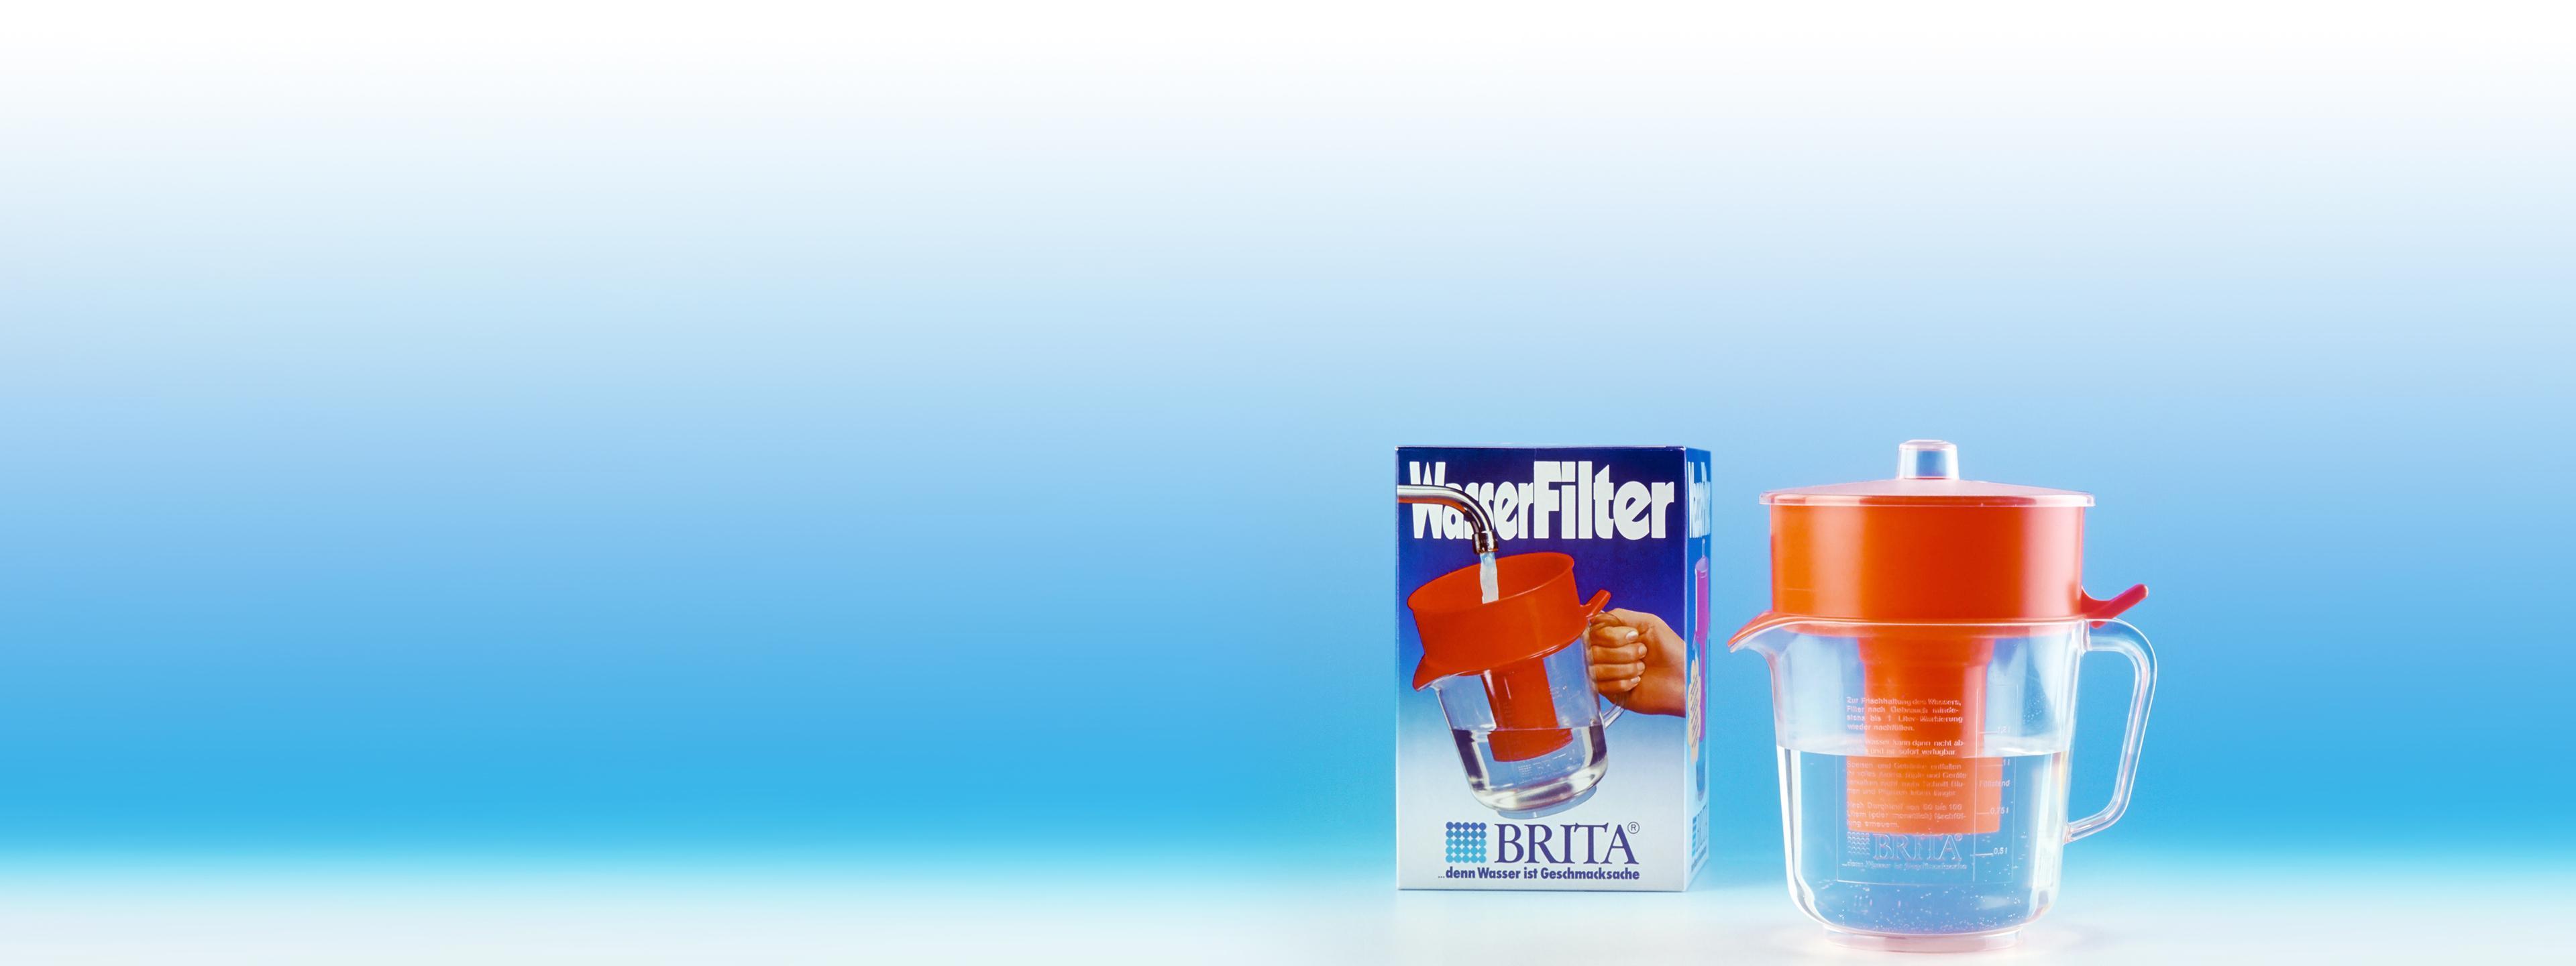 BRITA histoire premier filtre à eau